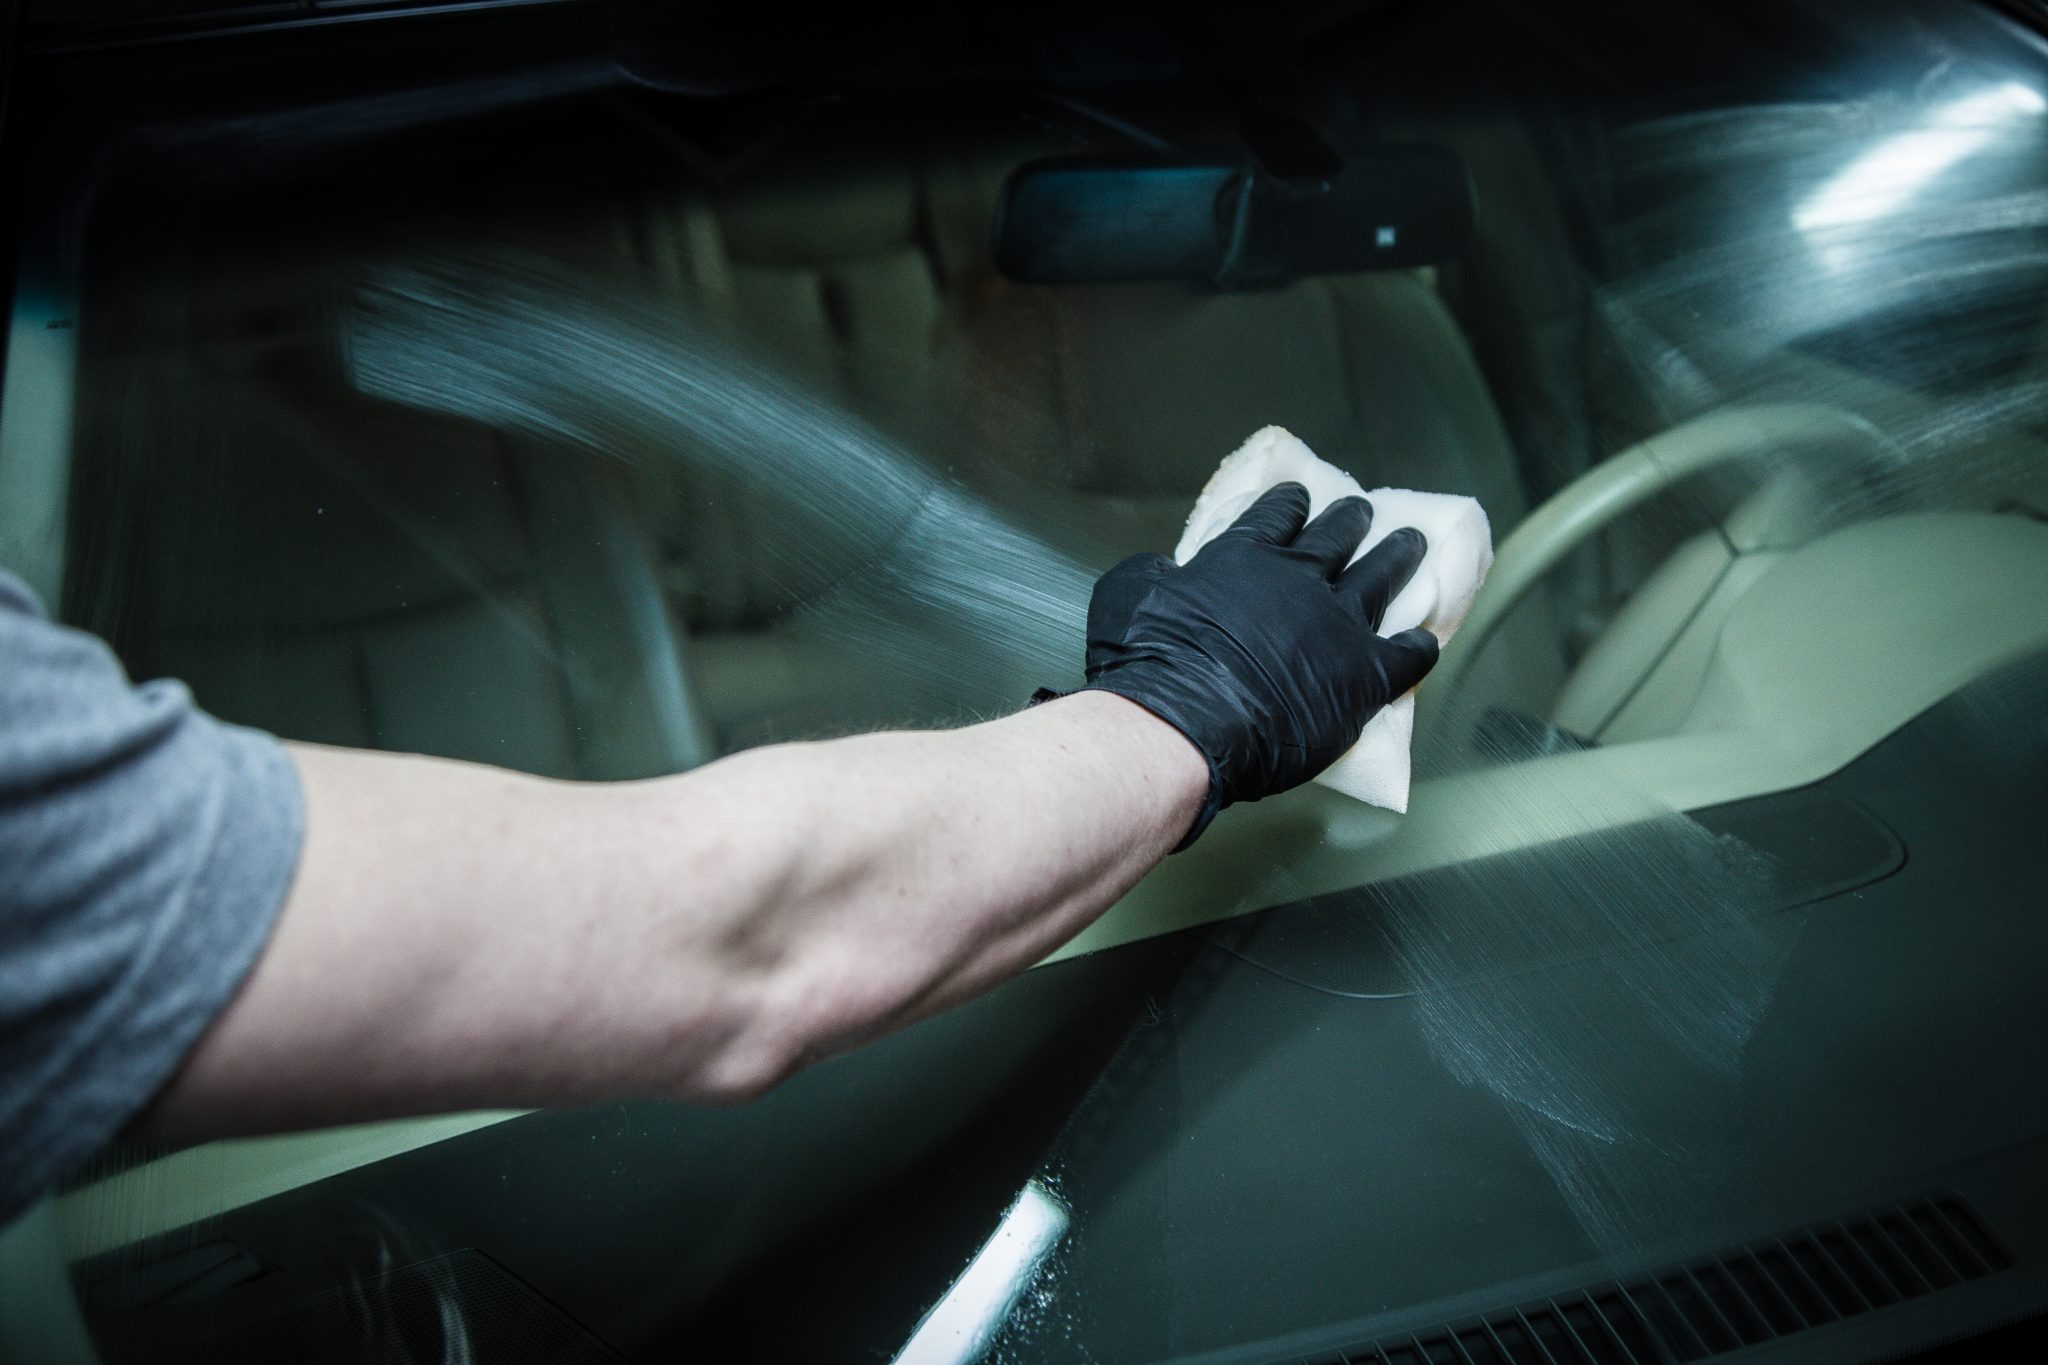 Как сделать «антидождь» для автомобиля своими руками?